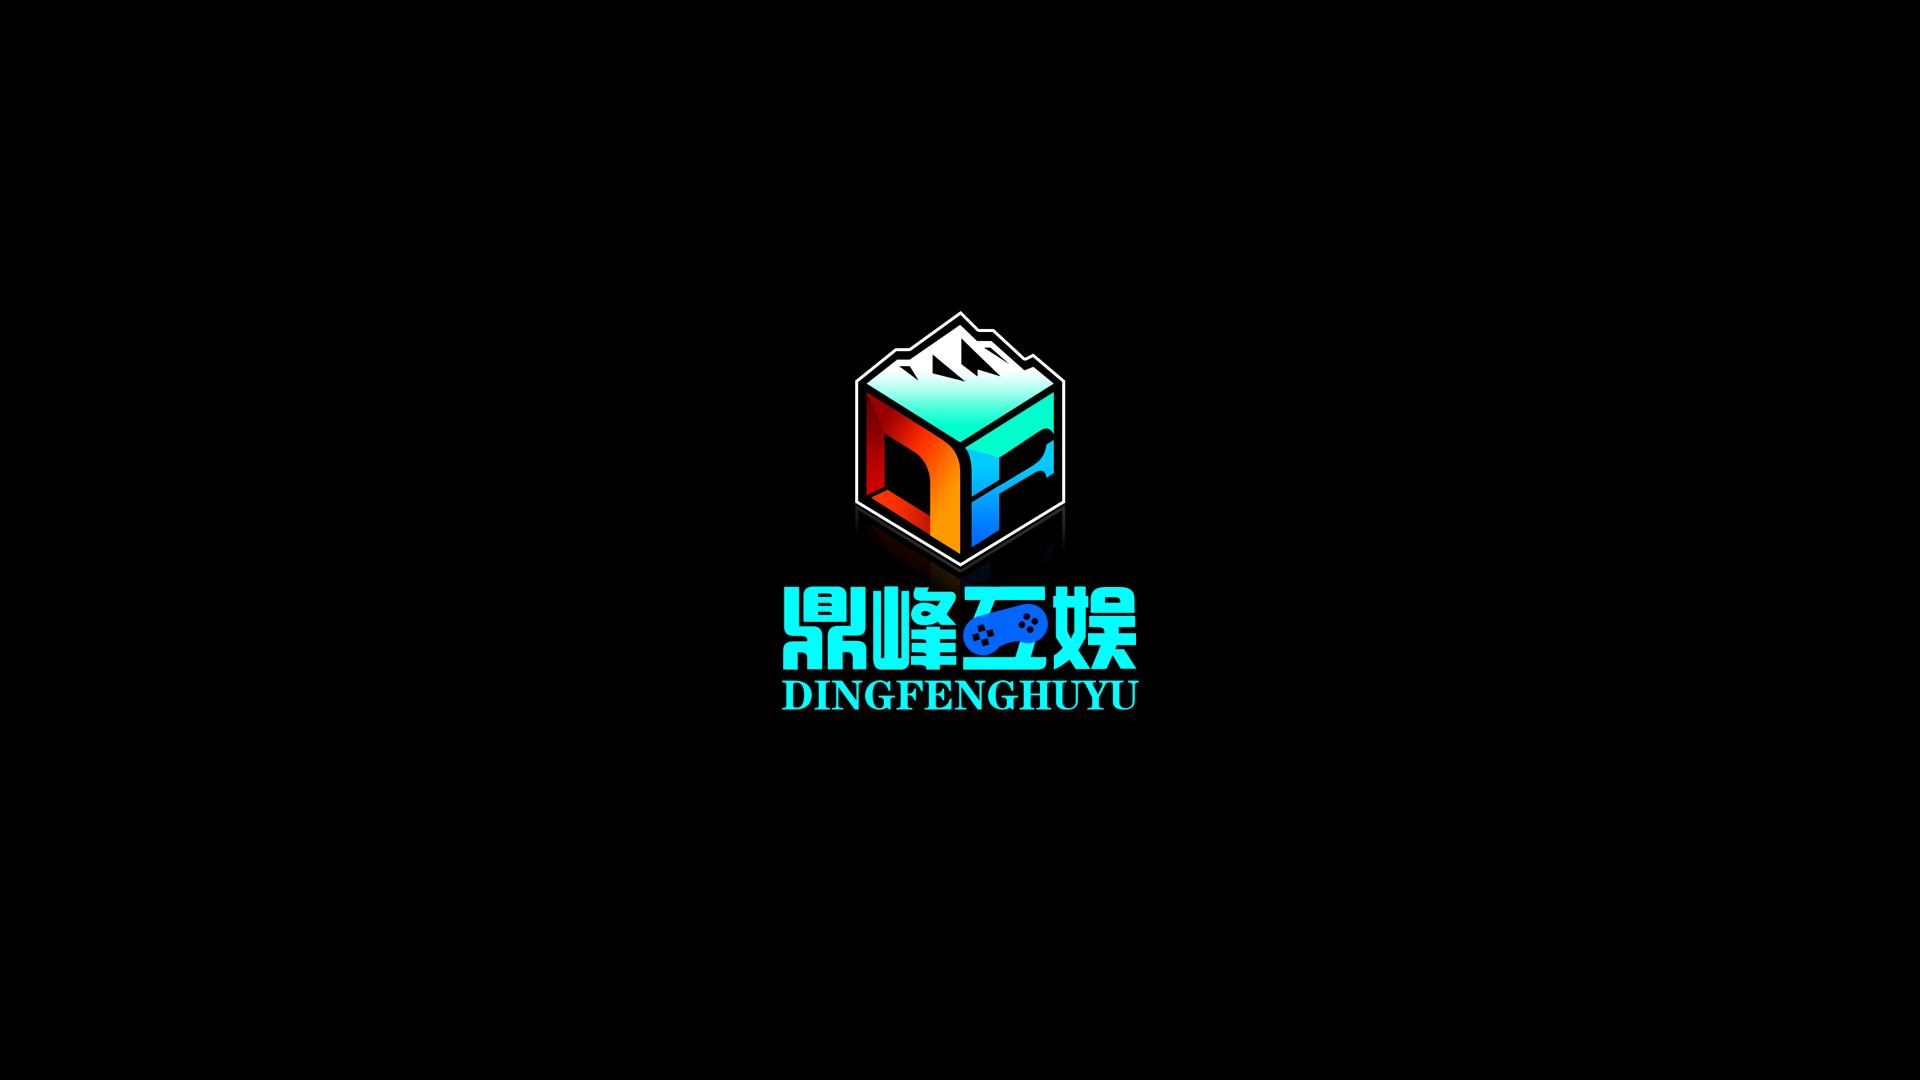 鼎峰互娱(北京)网络科技发展有限公司